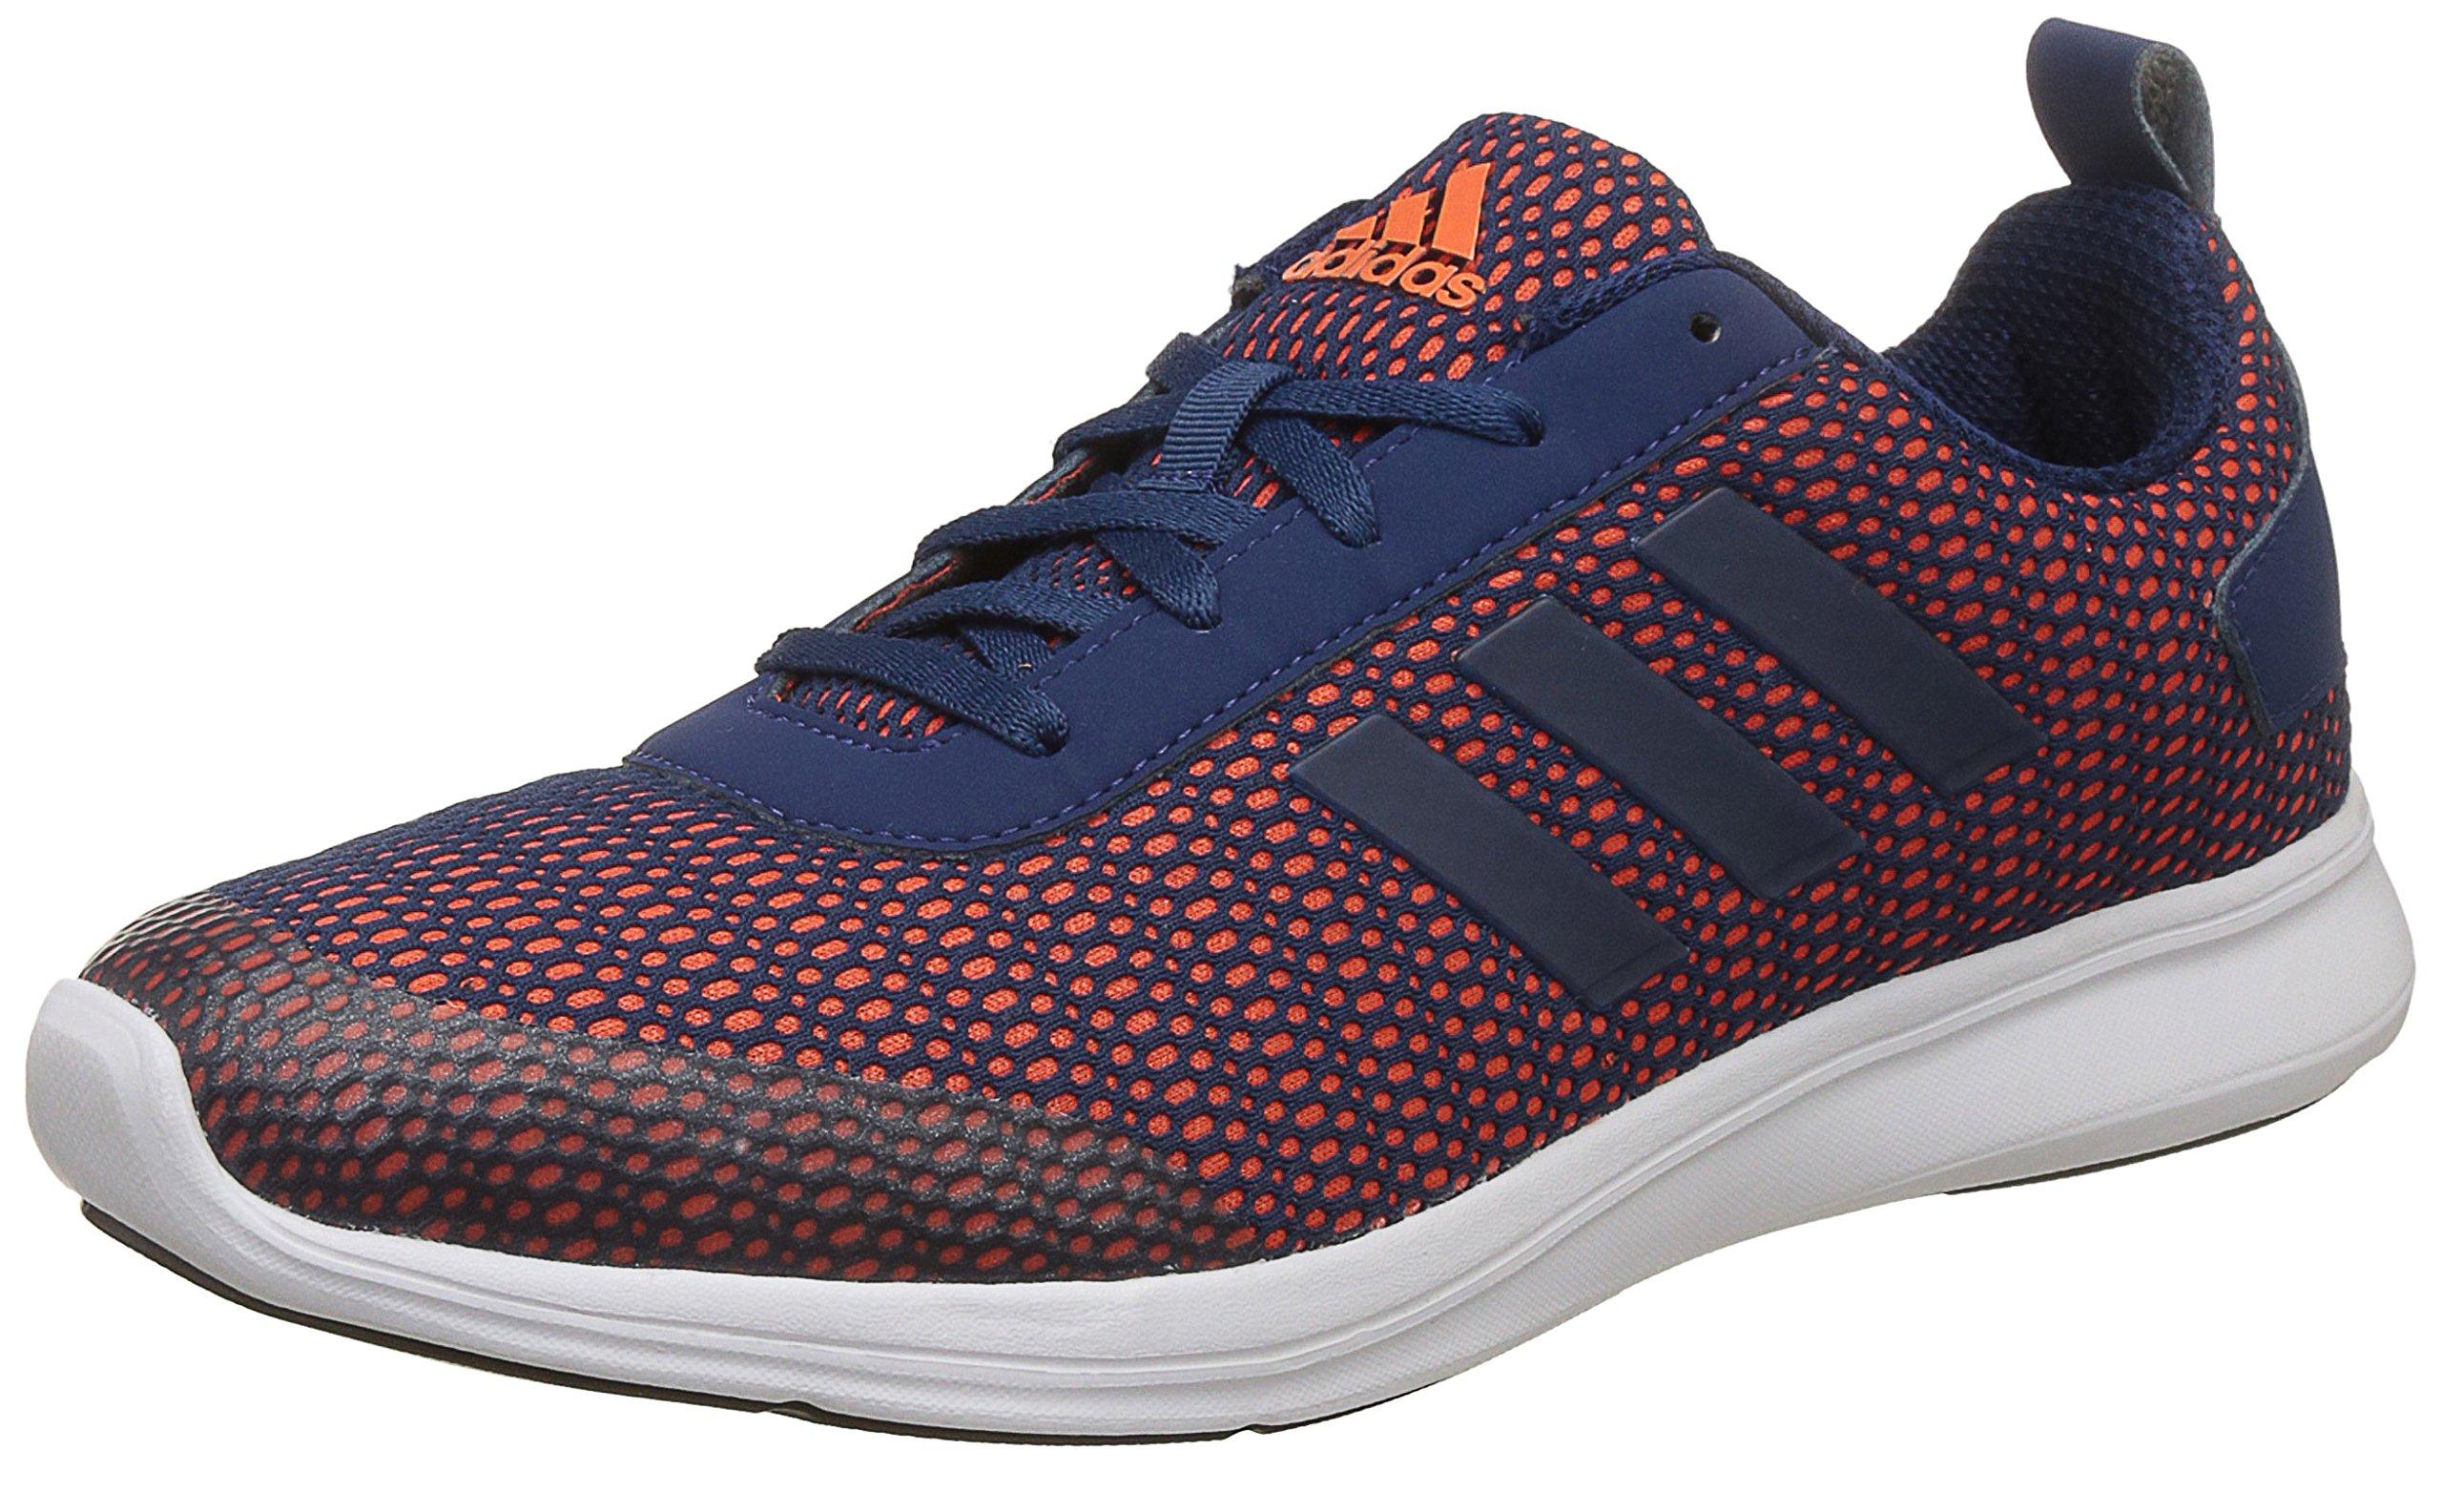 adidas: comprare scarpe sportive adidas le scarpe sportive online a prezzi migliori